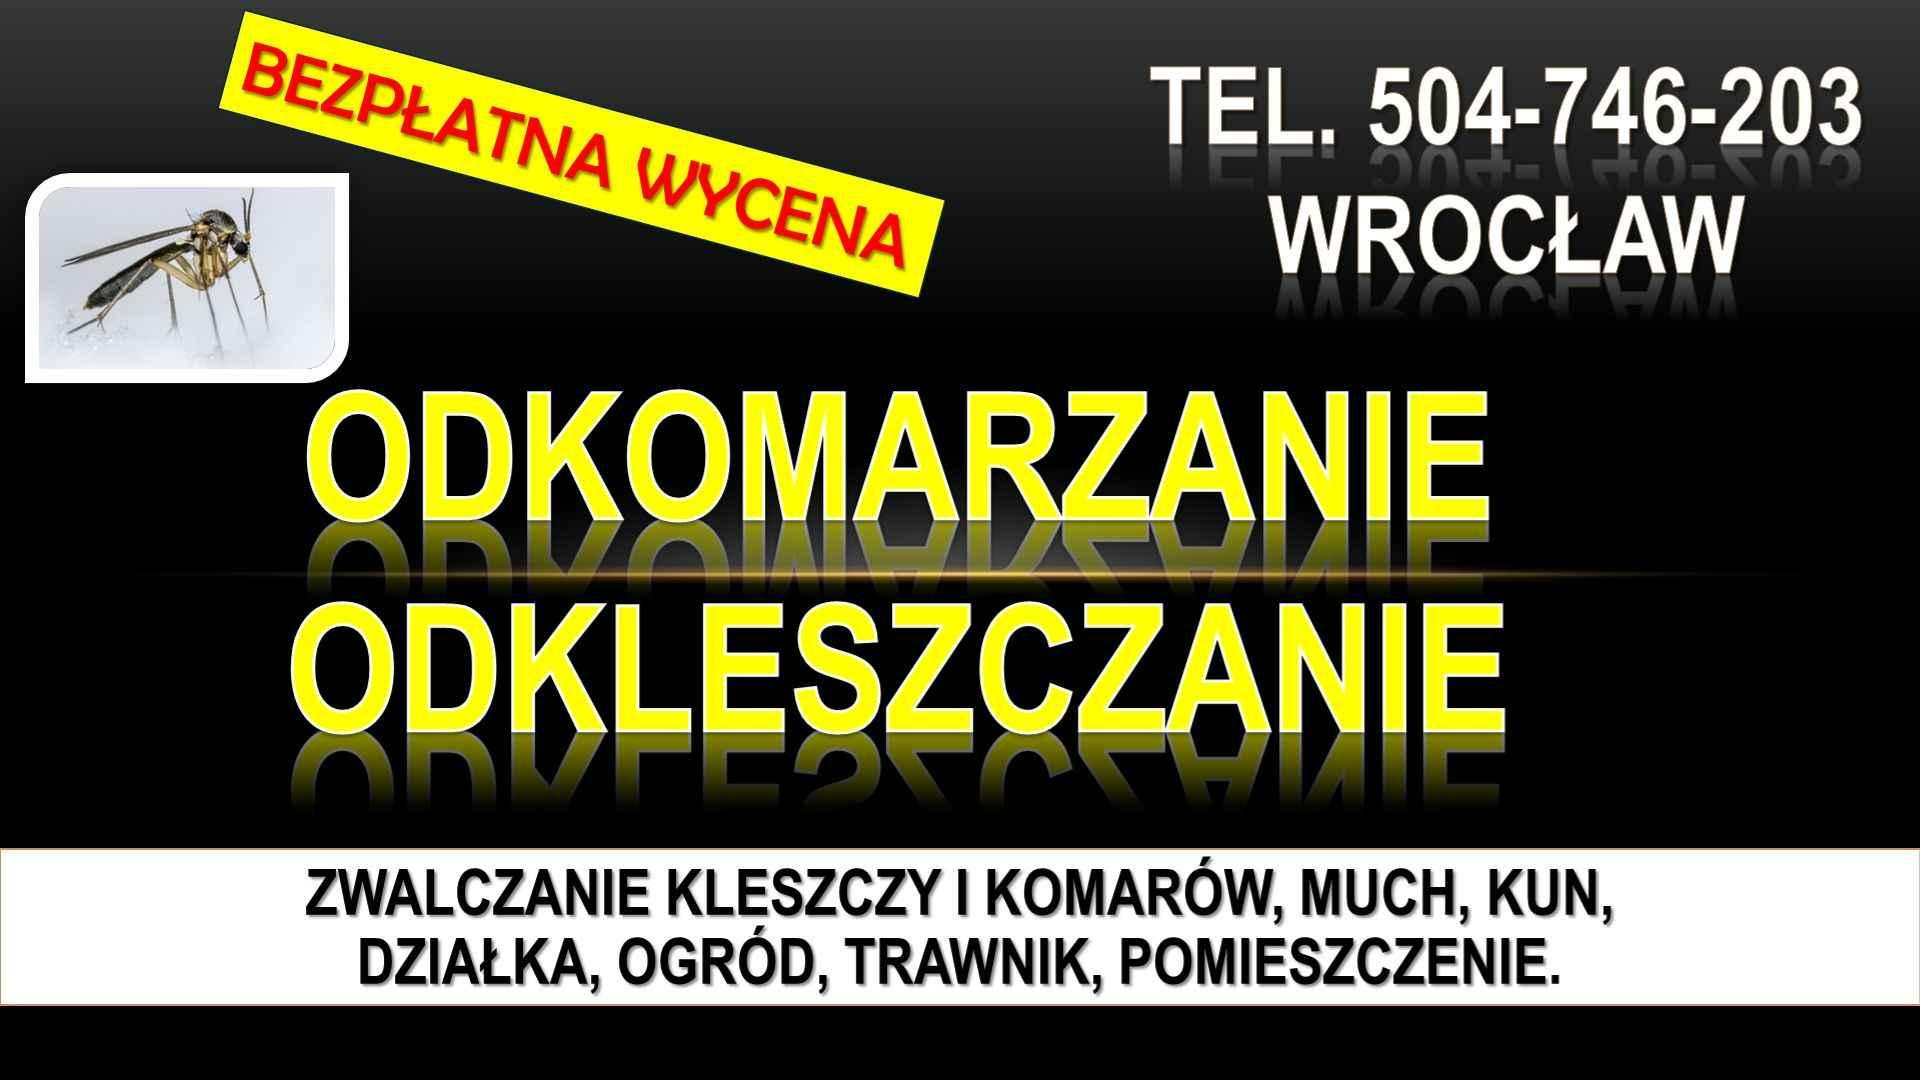 Zwalczanie kleszczy, cena, Wrocław, t504-746-203, Opryski, likwidacja. Psie Pole - zdjęcie 2